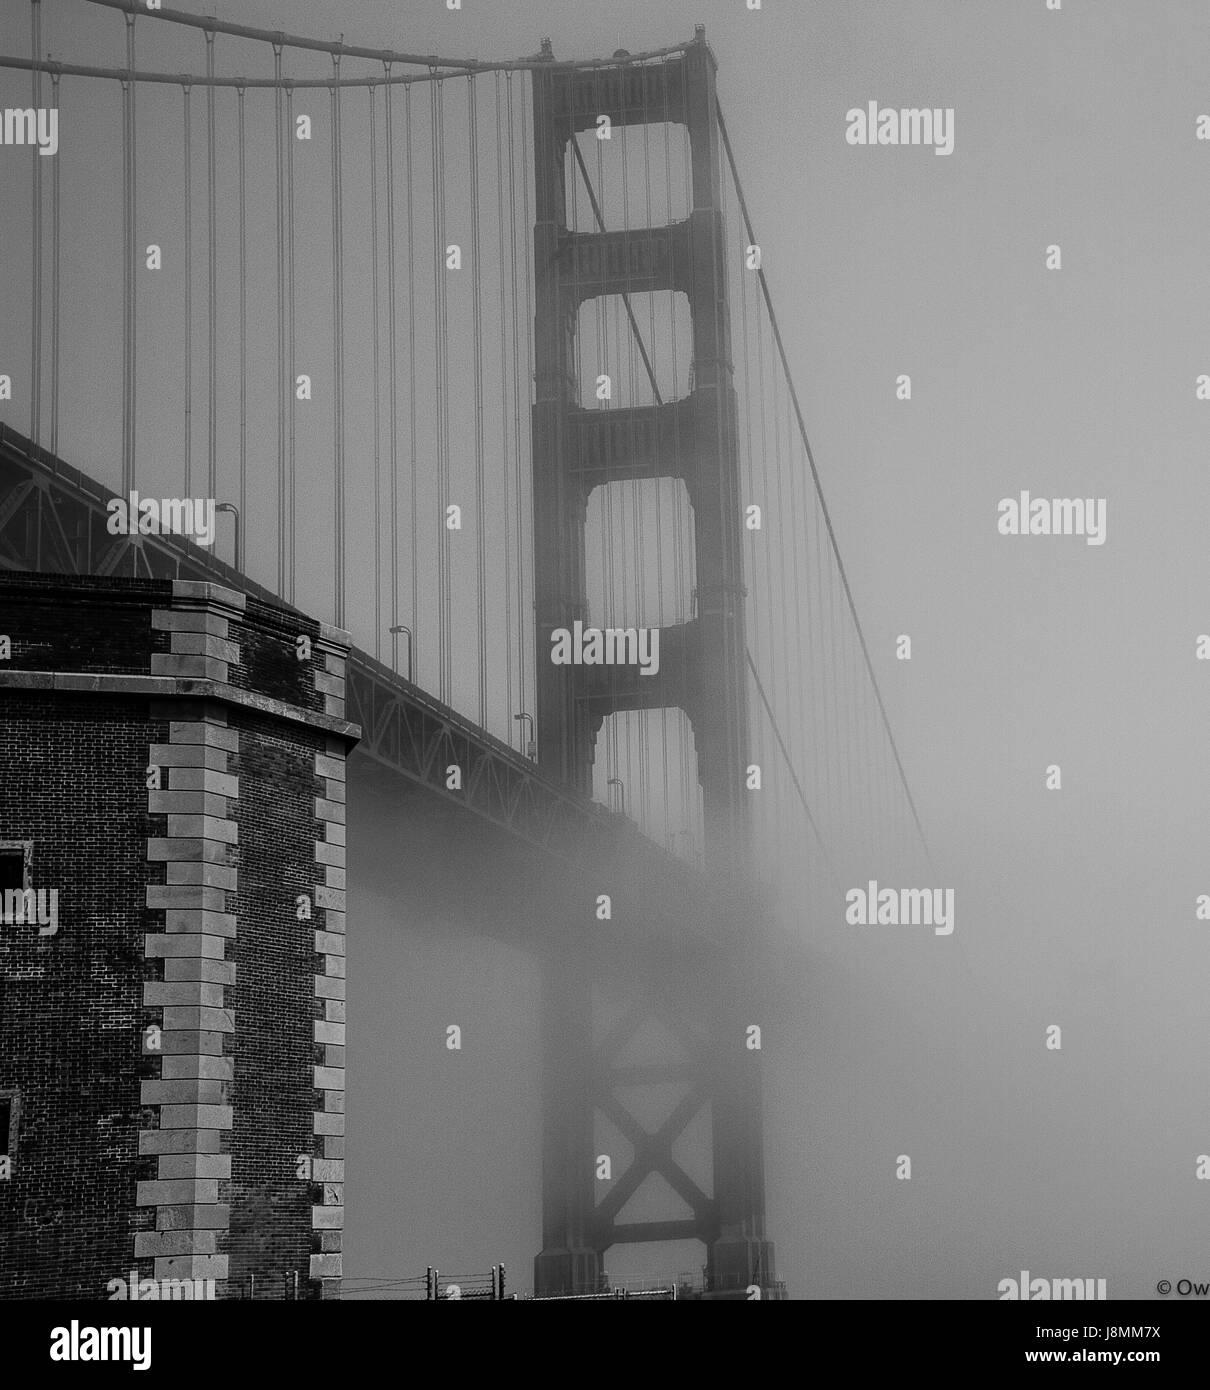 Golden Gate Bridge - San Francisco, California Immagini Stock